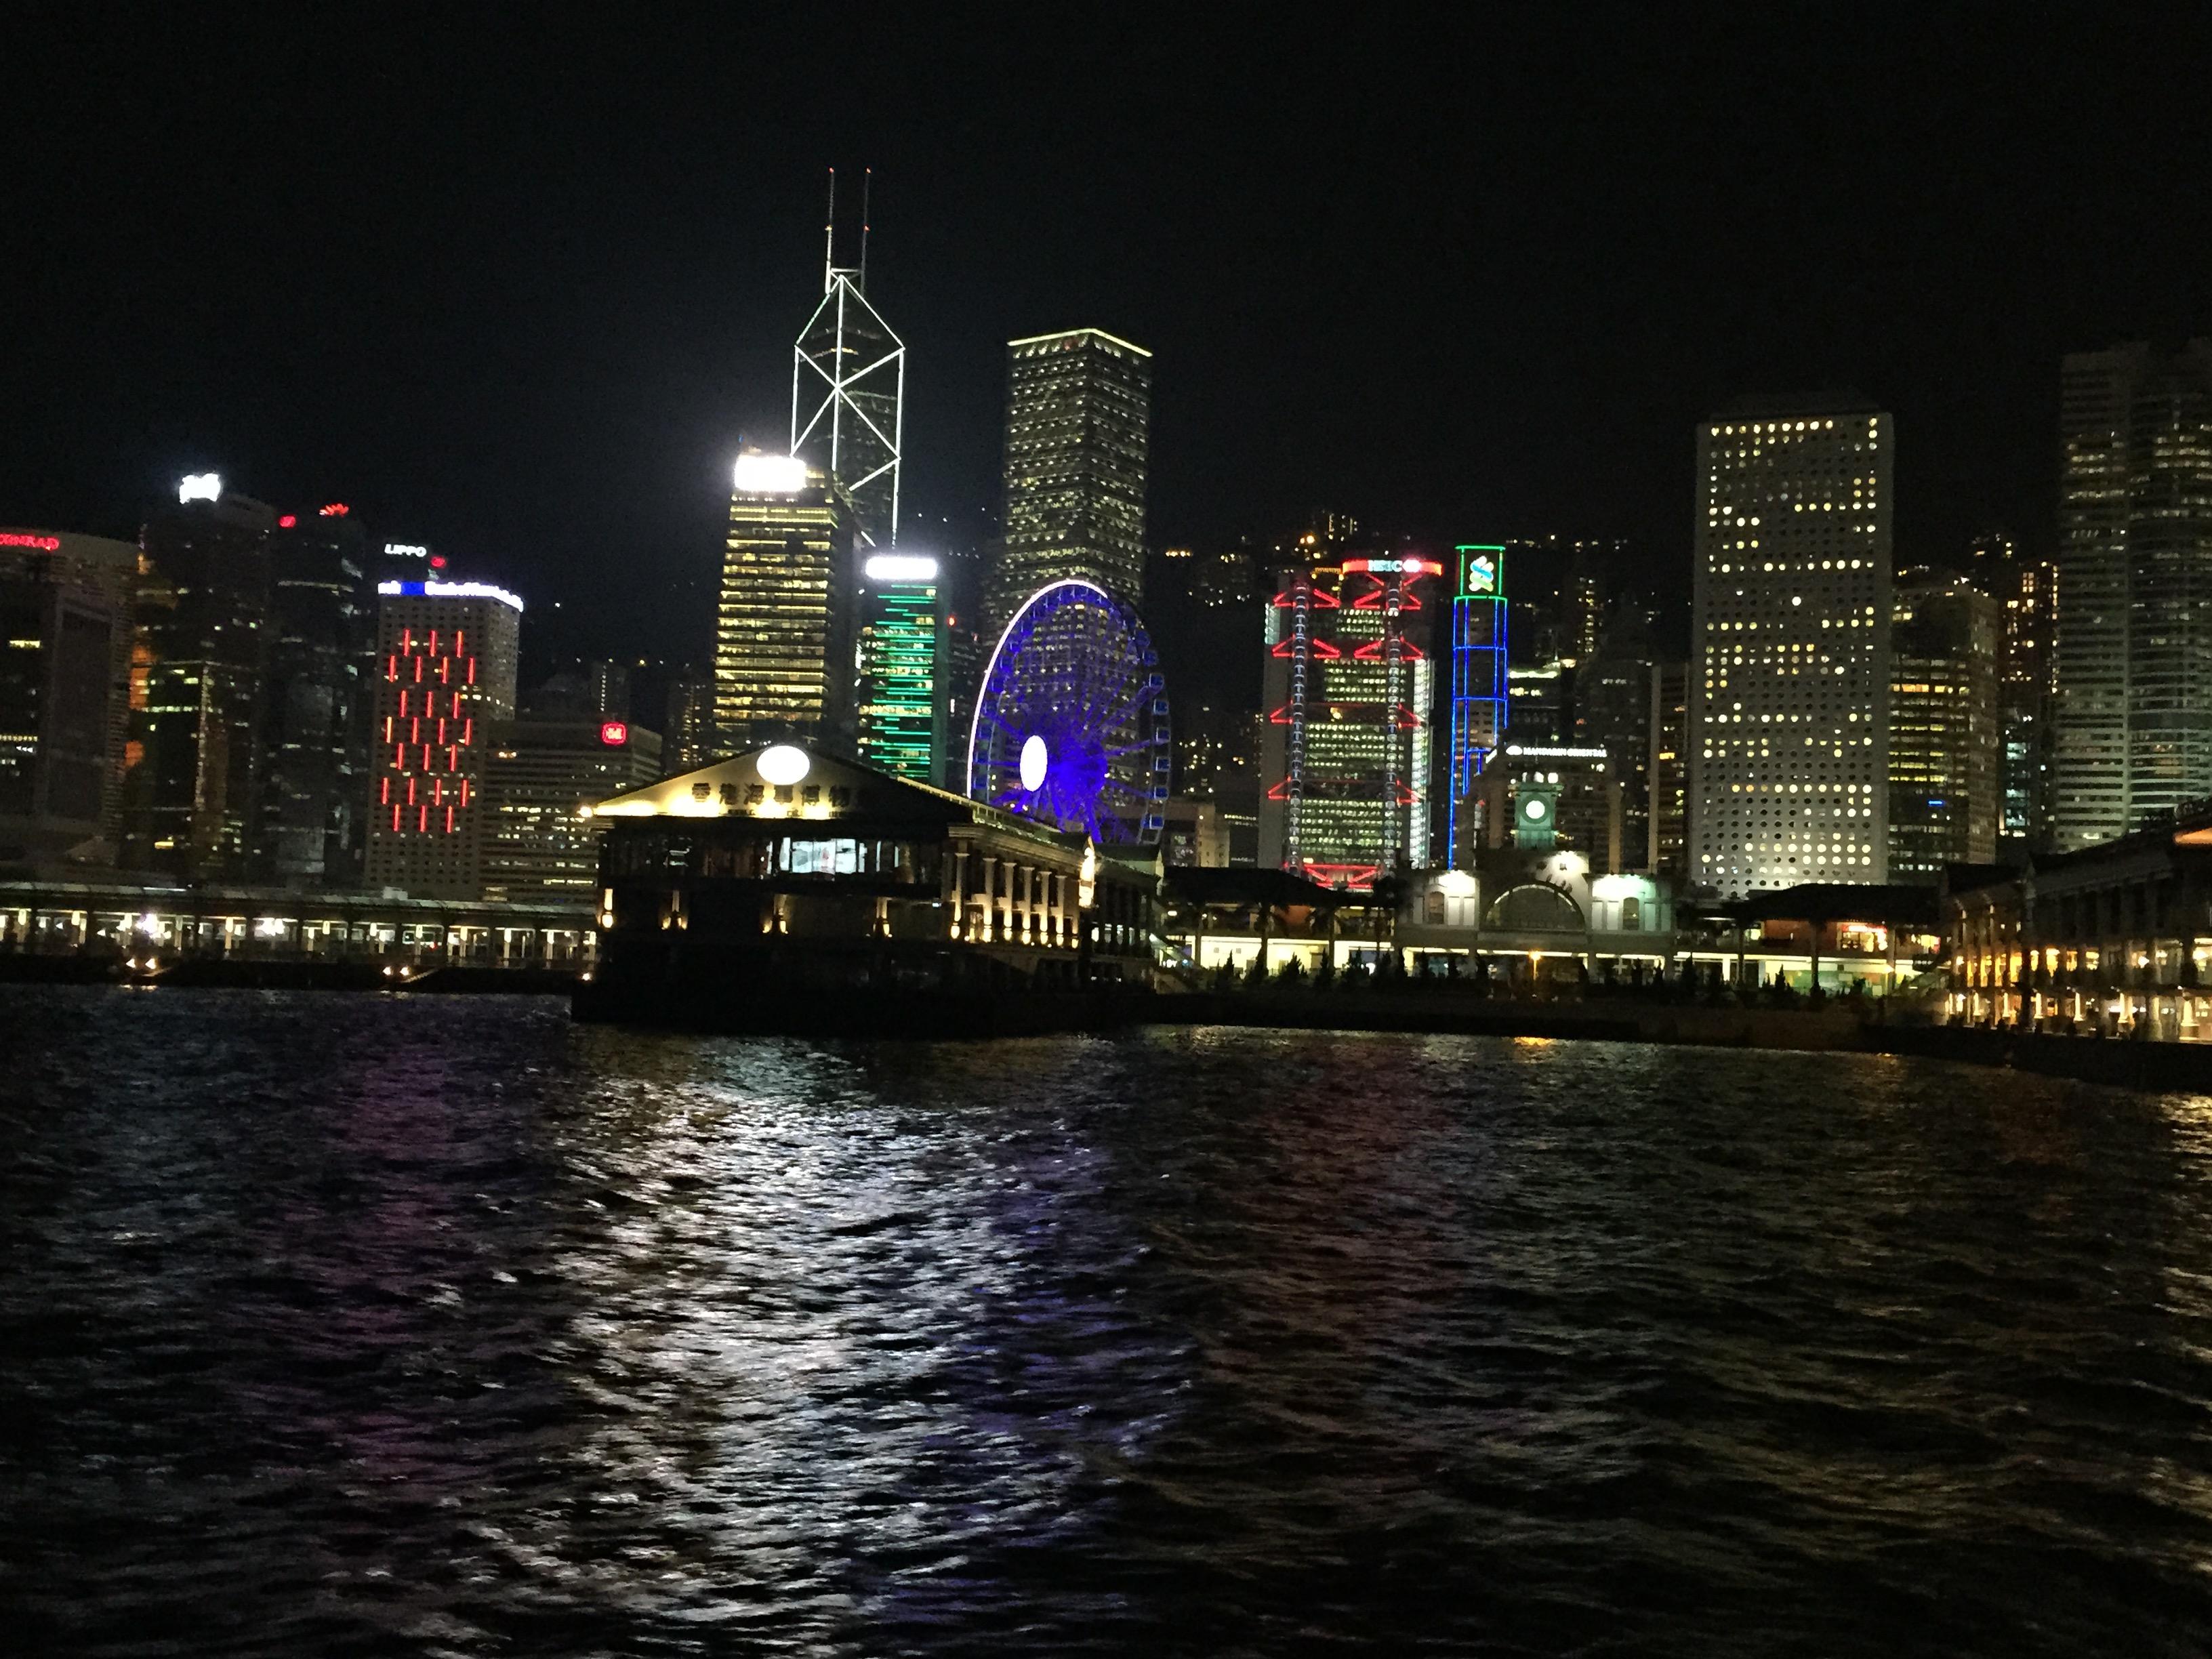 Festival de Luces en Victoria Harbour